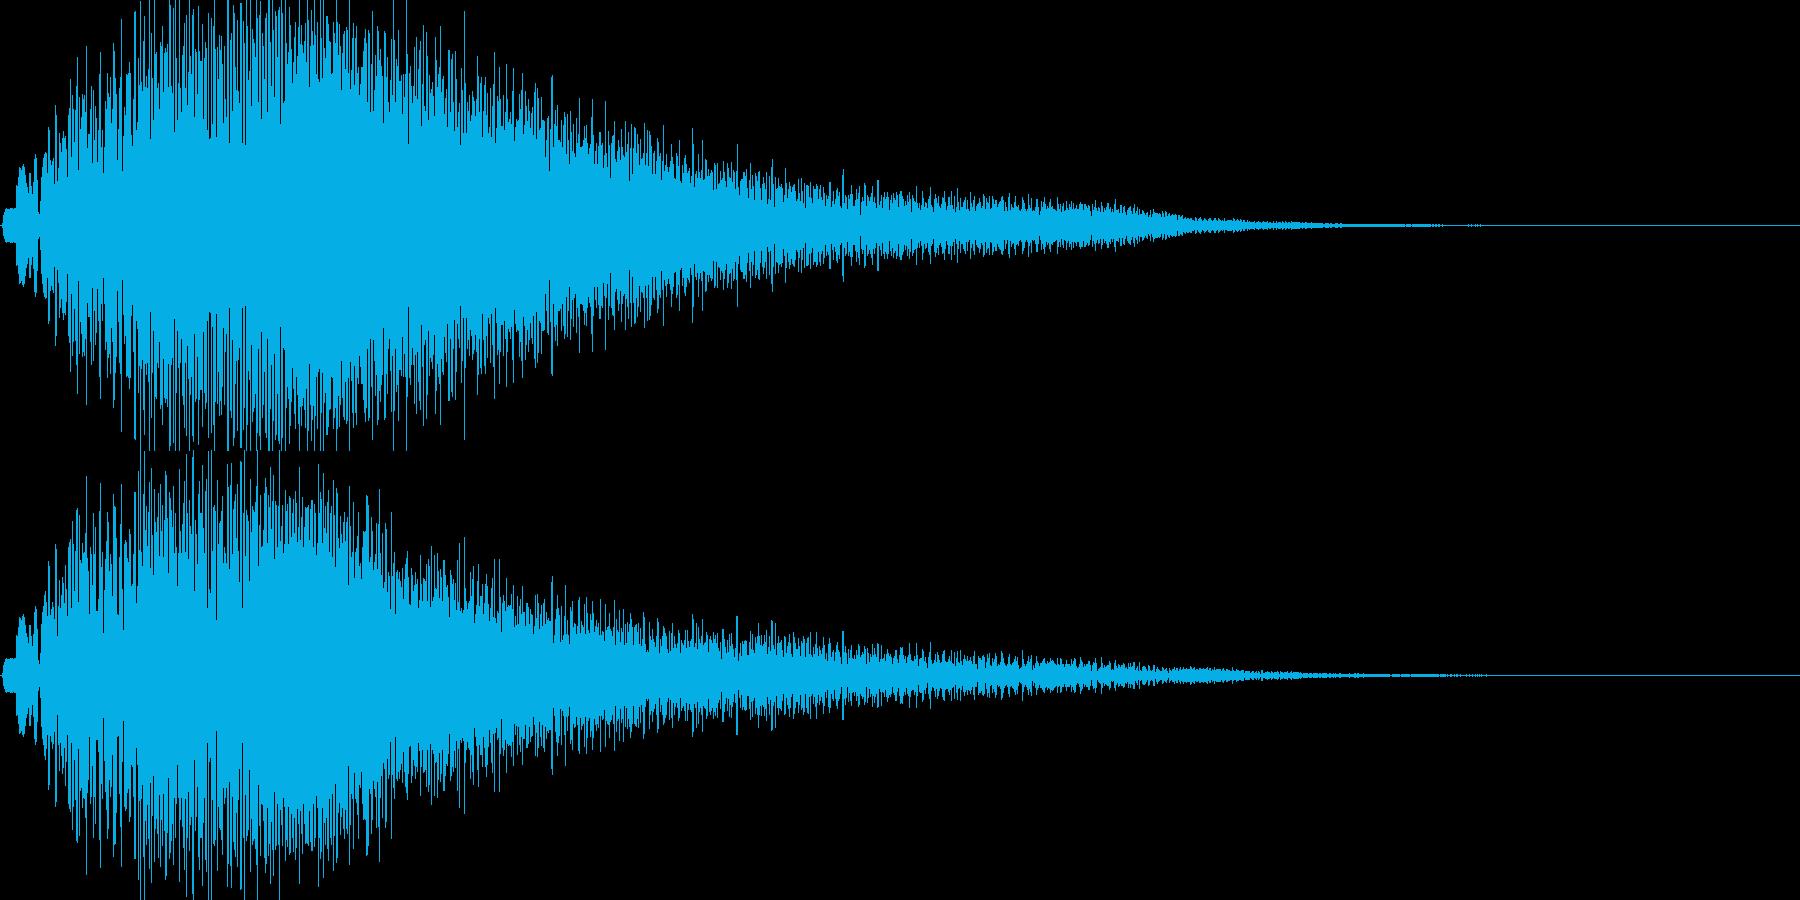 ポロロン(温かくオシャレなエレピ音)の再生済みの波形